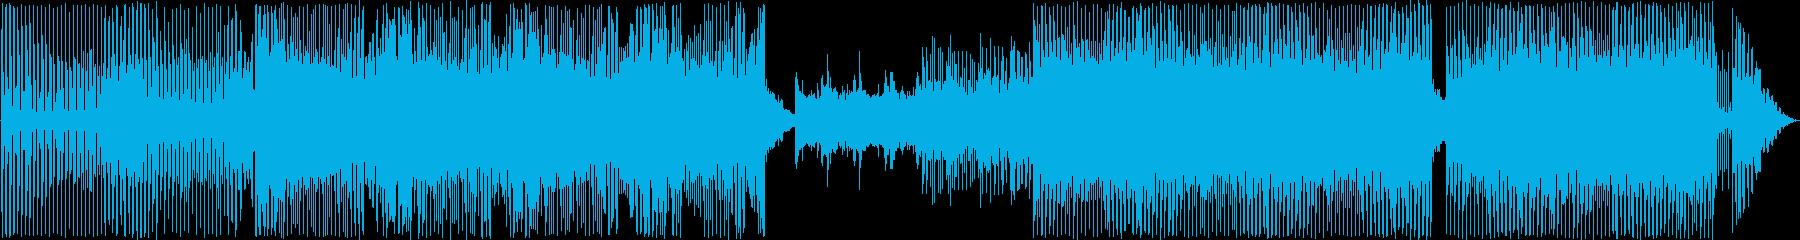 トランス、サイケデリック。の再生済みの波形